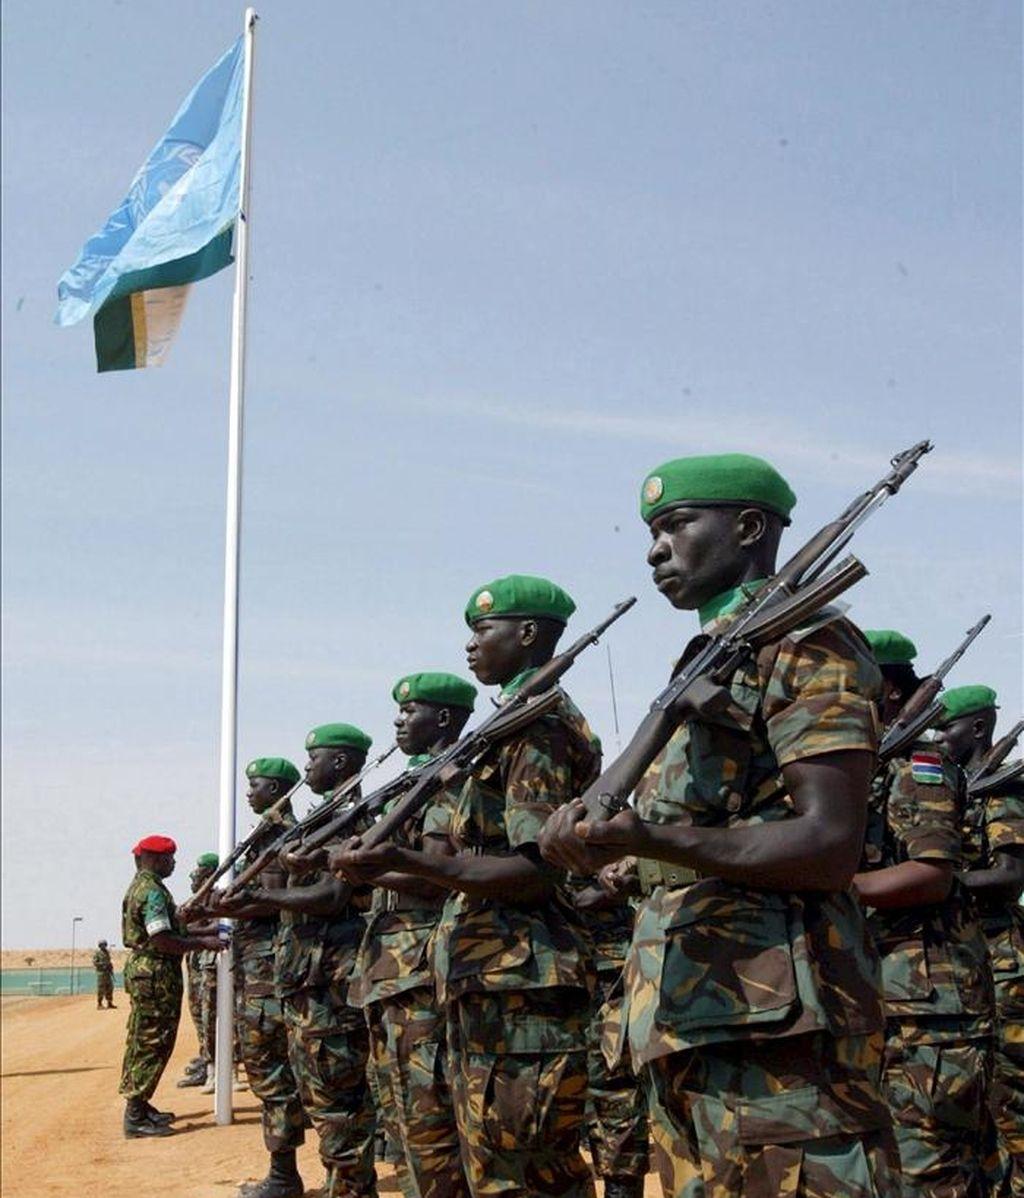 UNAMID tiene más de 17.700 soldados desplegados en Darfur, donde se calcula que han muerto más de 300.000 personas y otros dos millones y medio se han visto obligadas a abandonar sus hogares desde 2003. EFE/Archivo